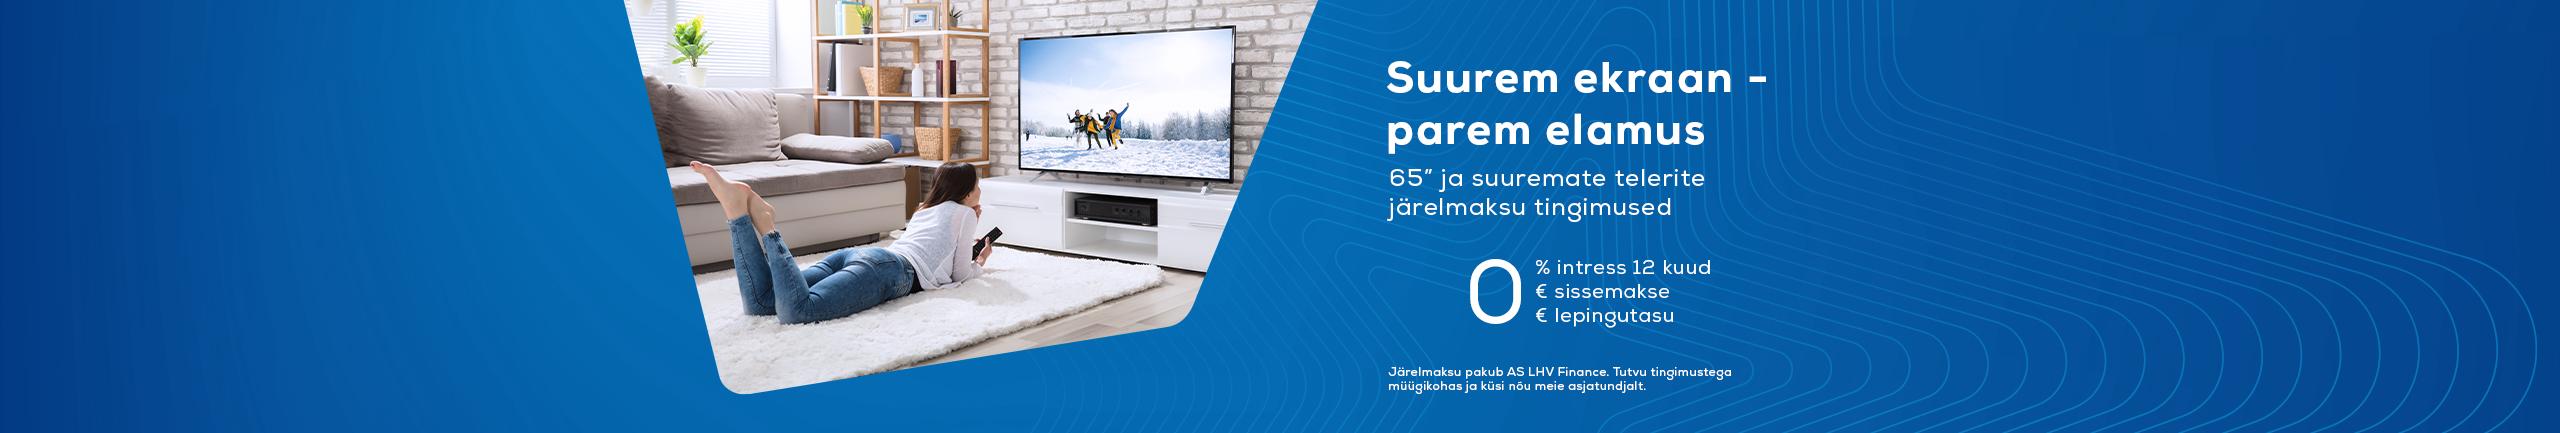 Suure ekraaniga telerite järelmaksu intress 12 kuud 0%, lepingutasu 0€, sissemakse 0€ lepingutasu